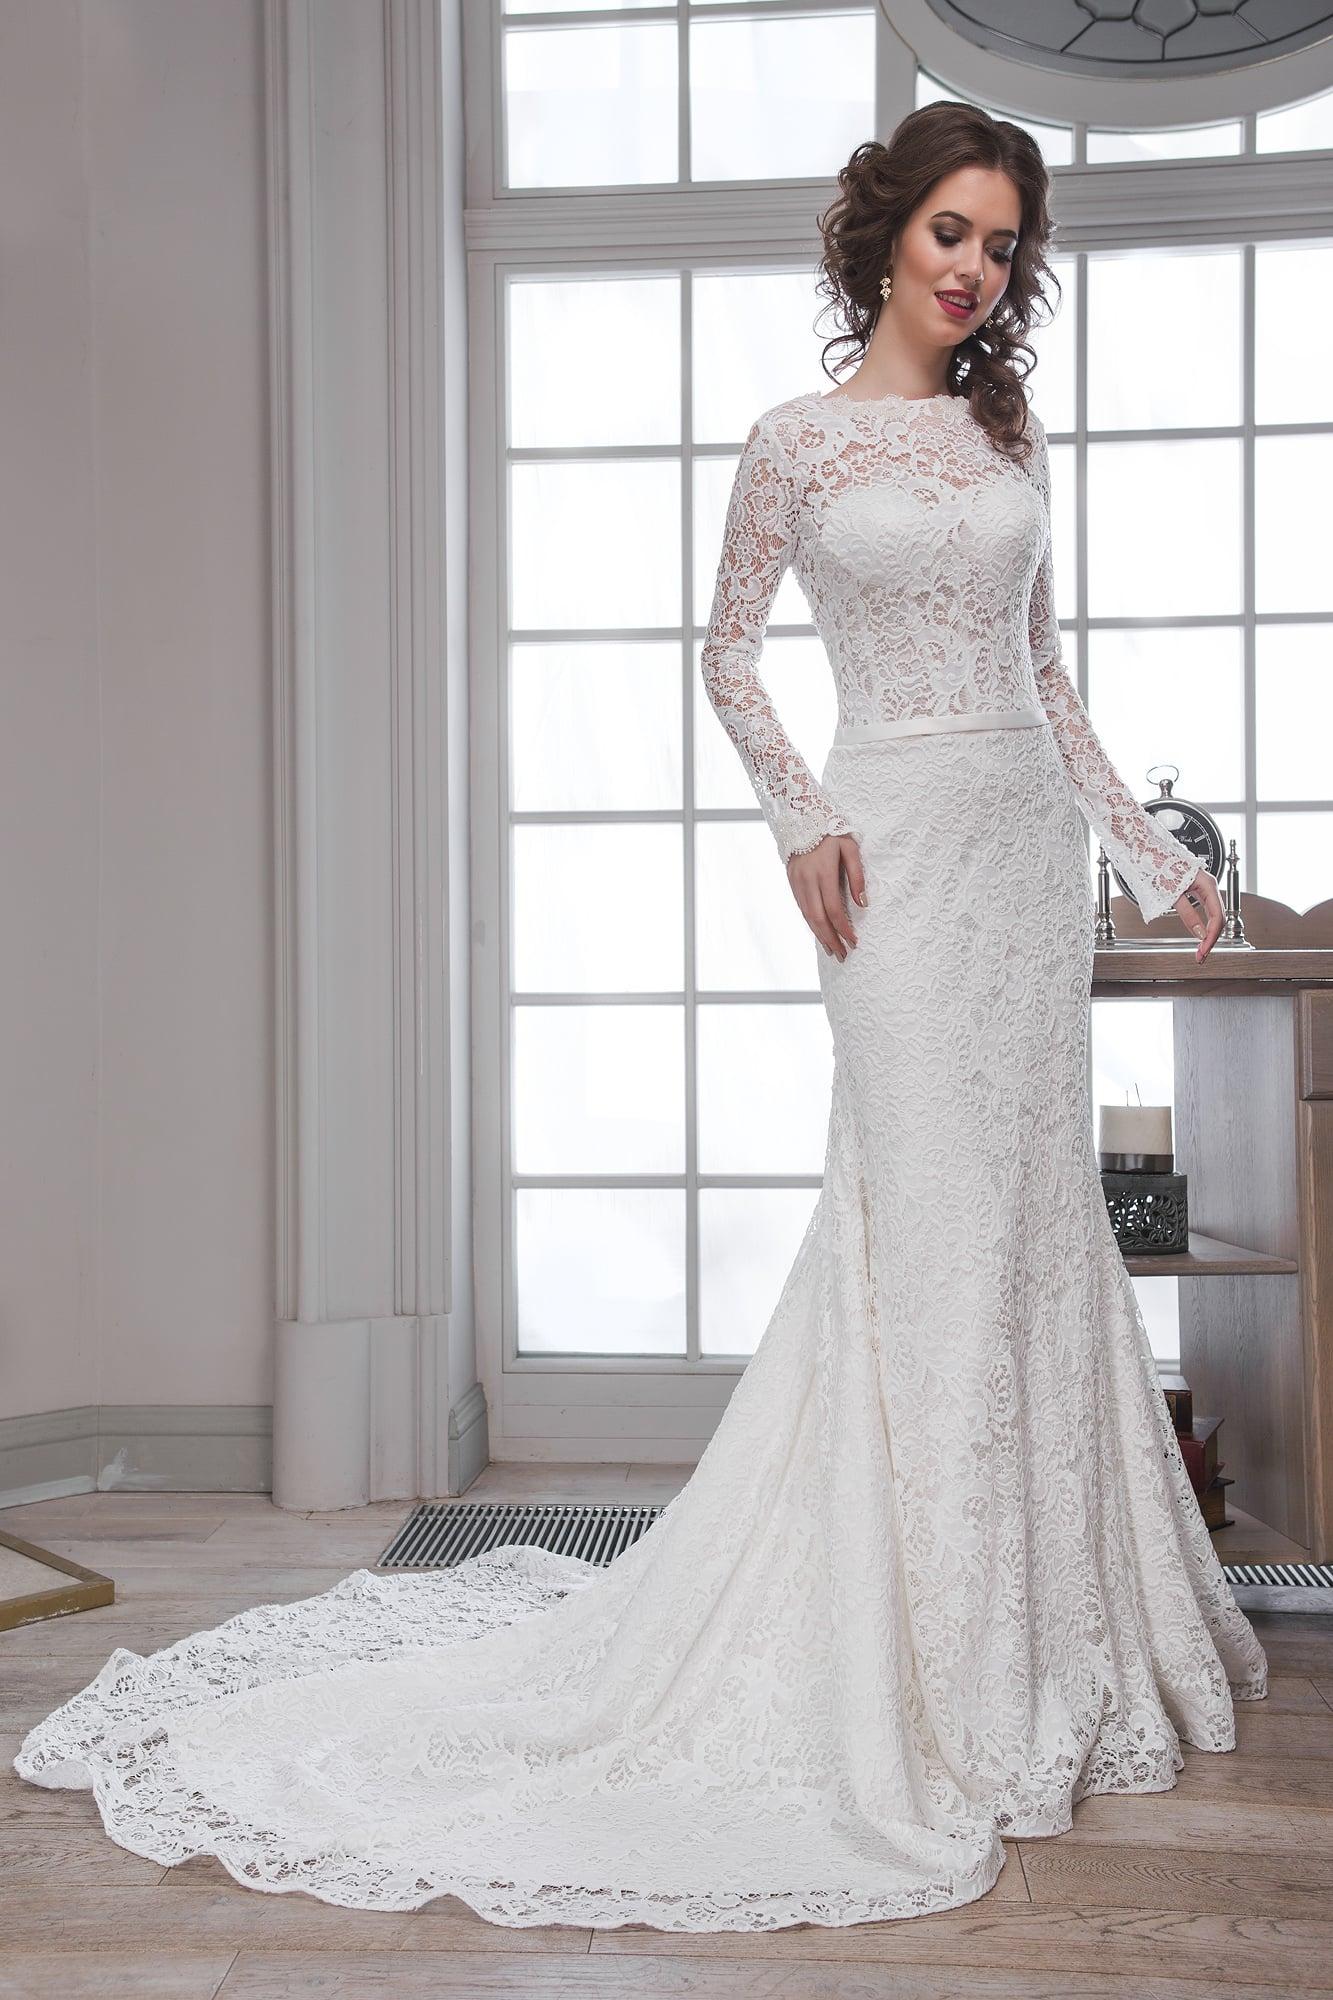 ef54f3d2caf Кружевное свадебное платье «русалка» с длинным рукавом и романтичным  шлейфом.